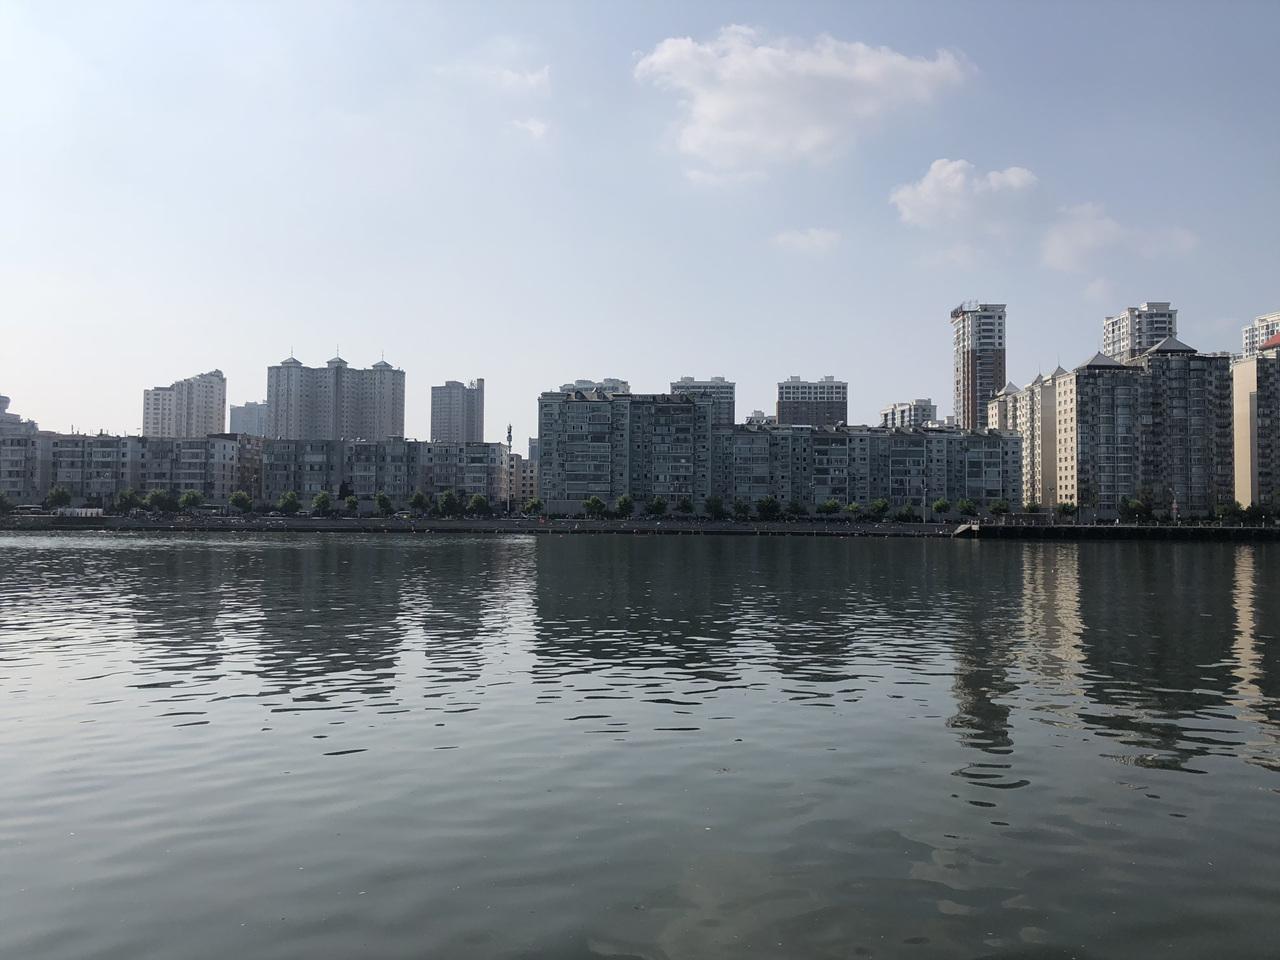 단동 압록강 유람선에서 본 단동 모습